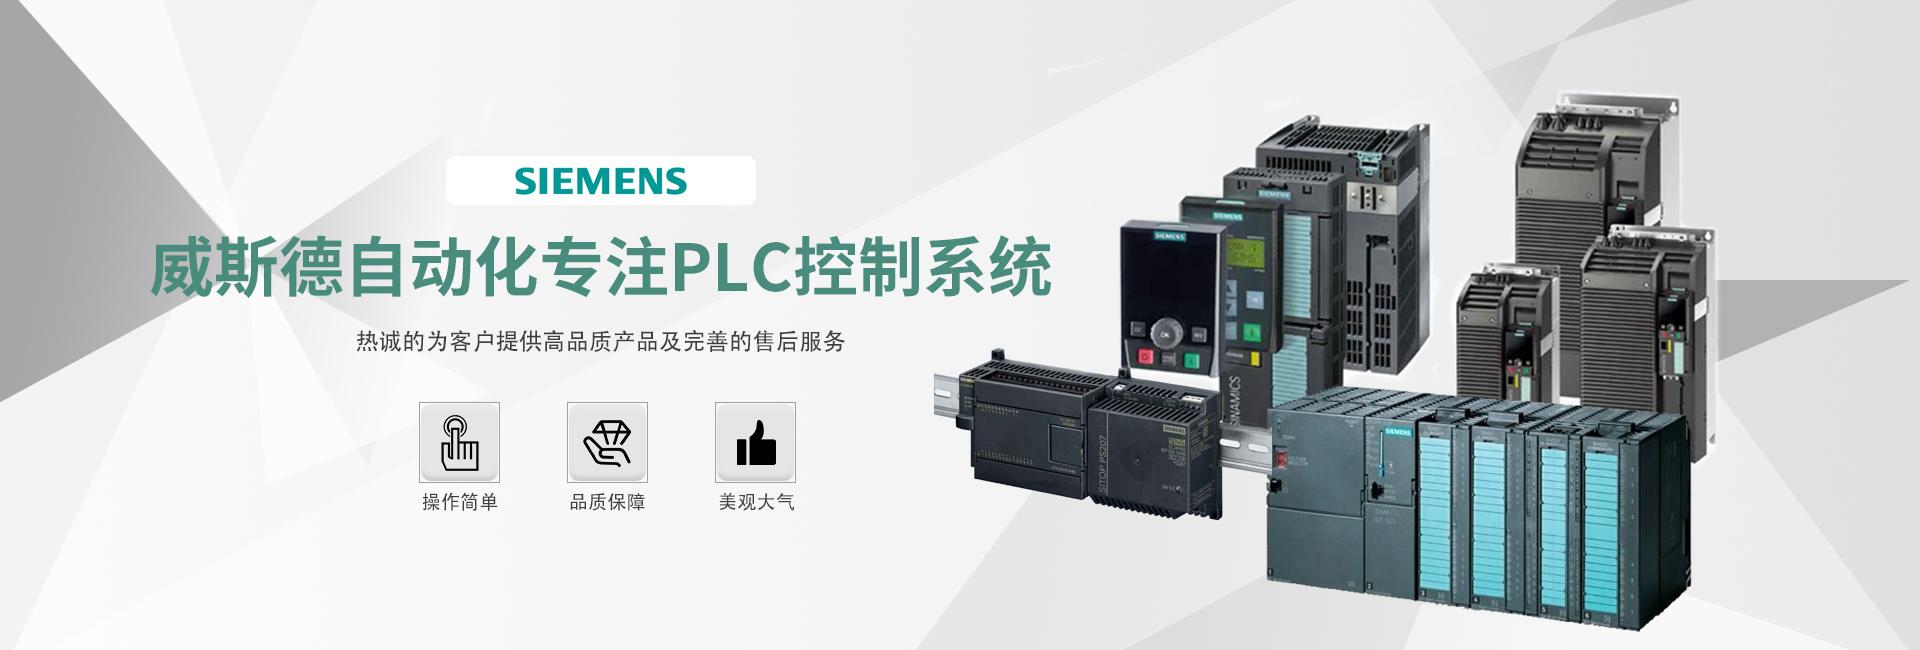 沈阳西门子PLC